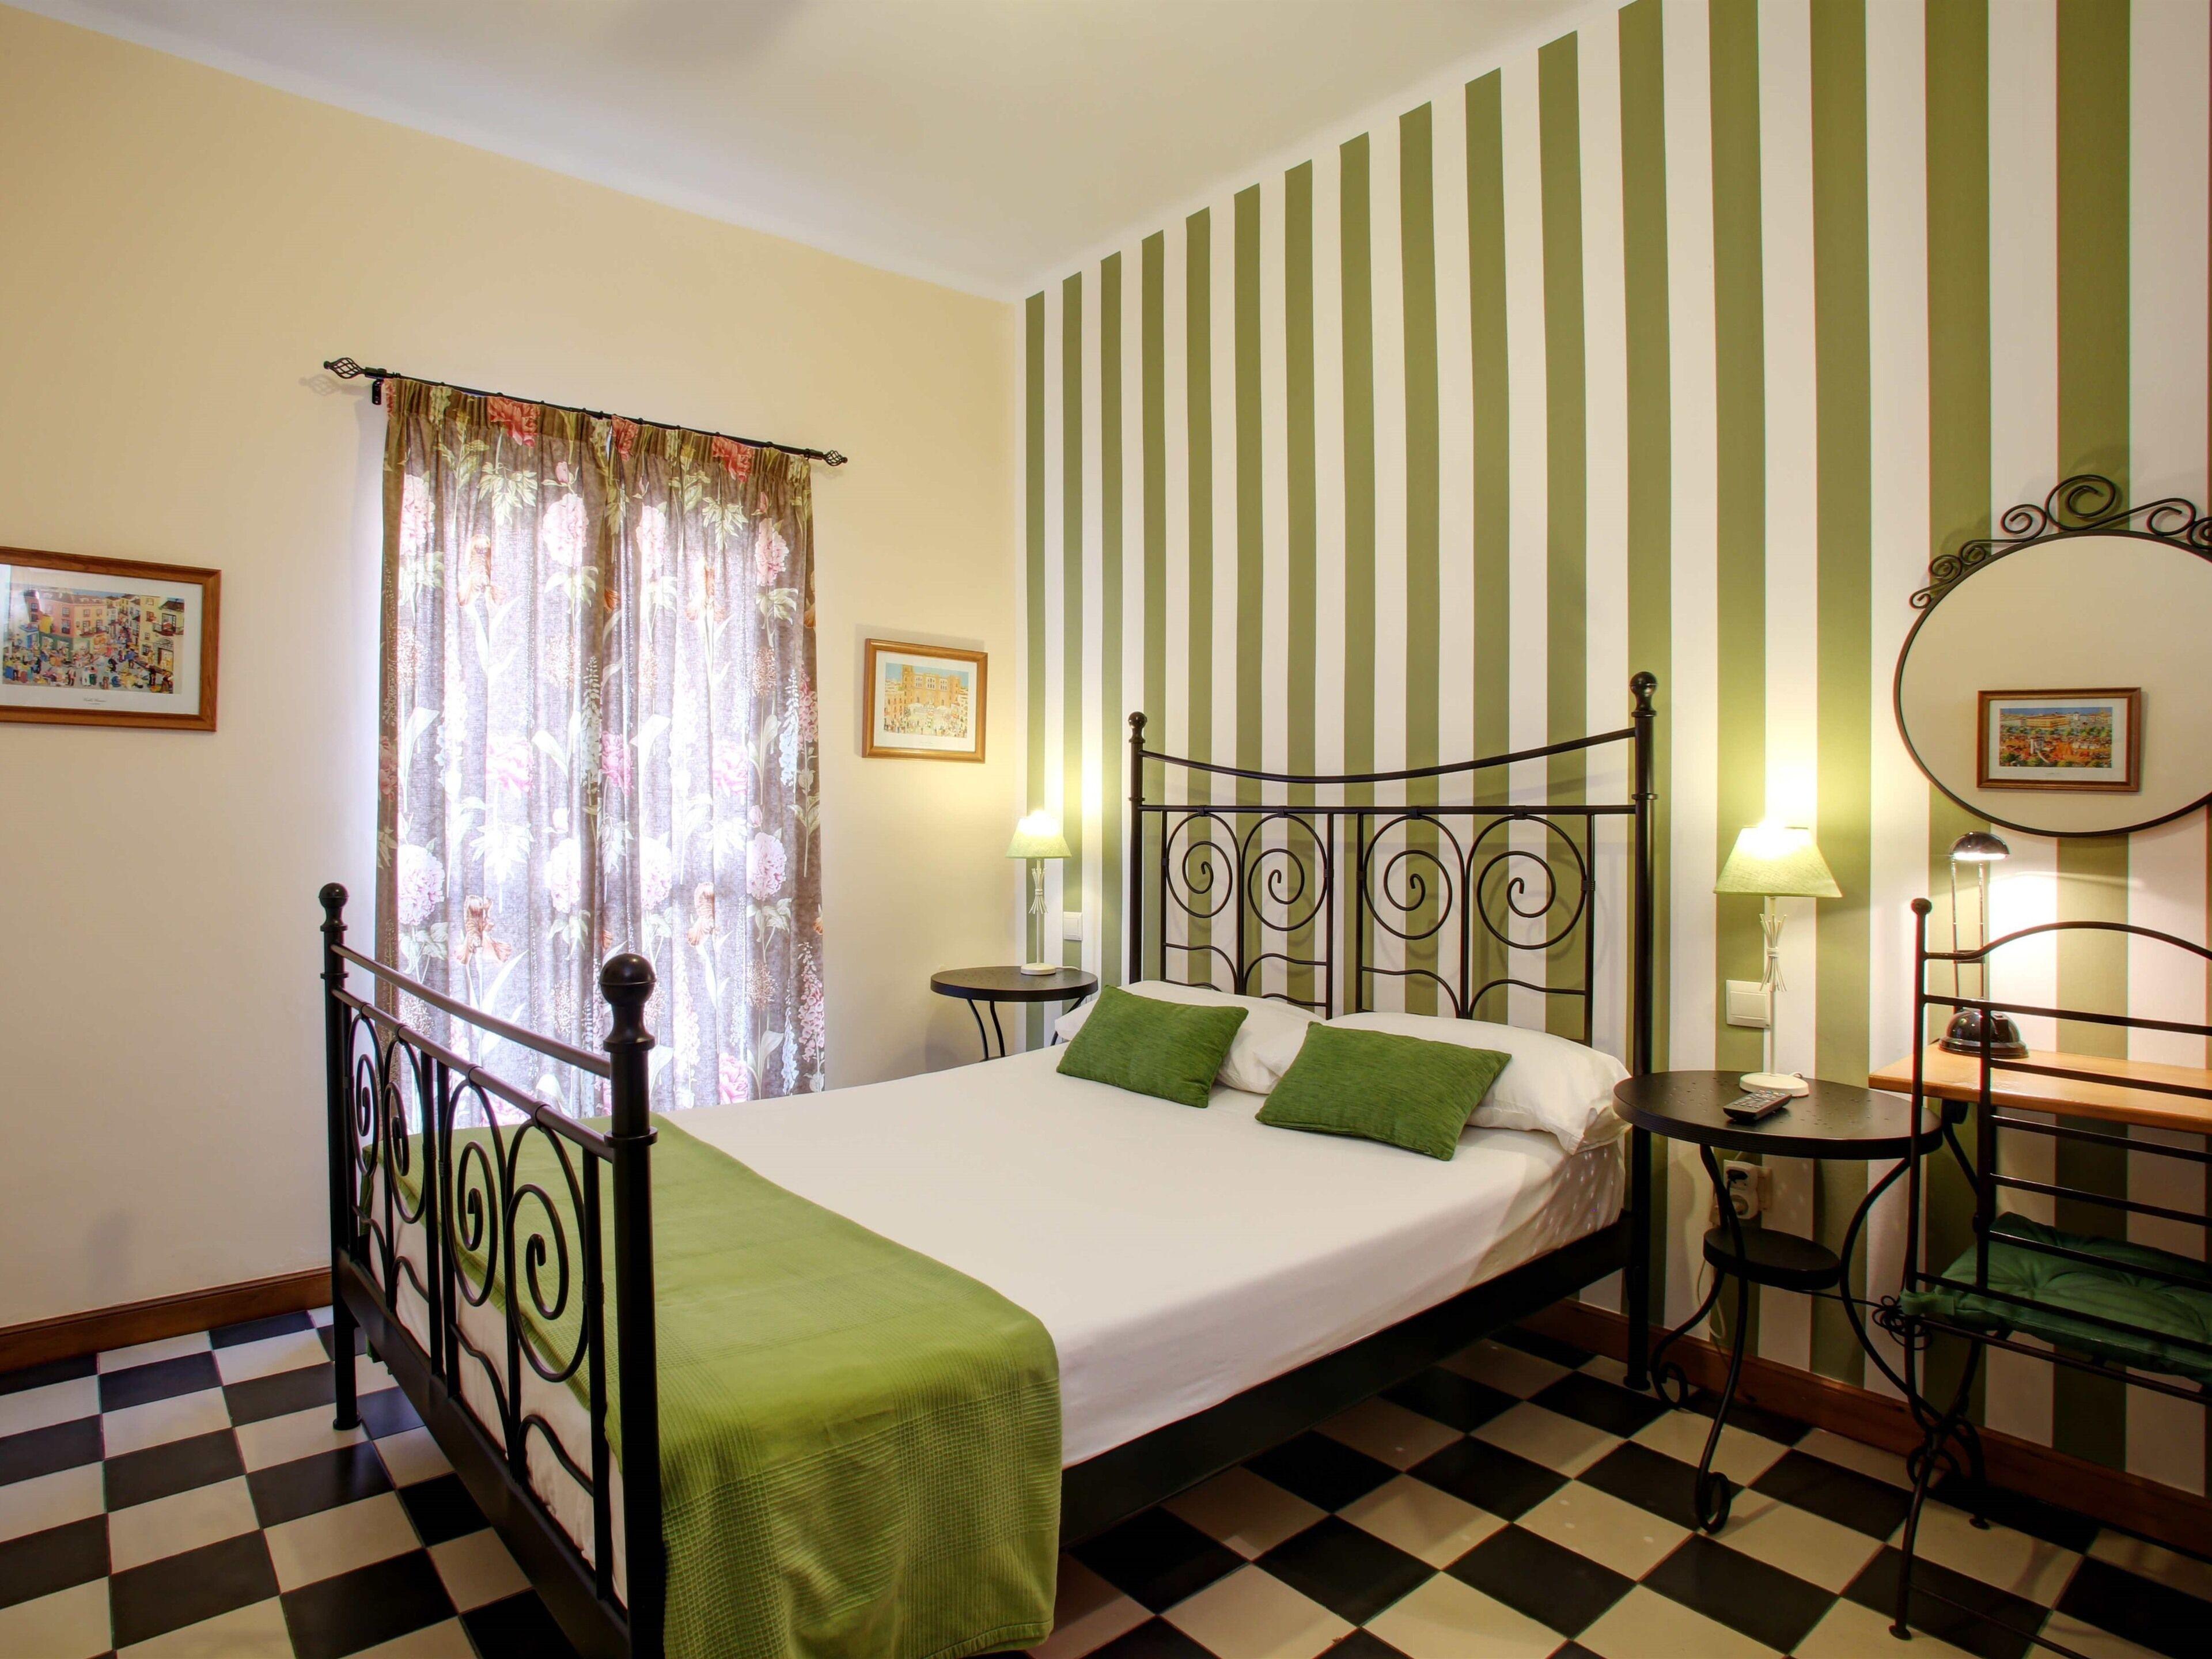 Malaga Lodge Guesthouse